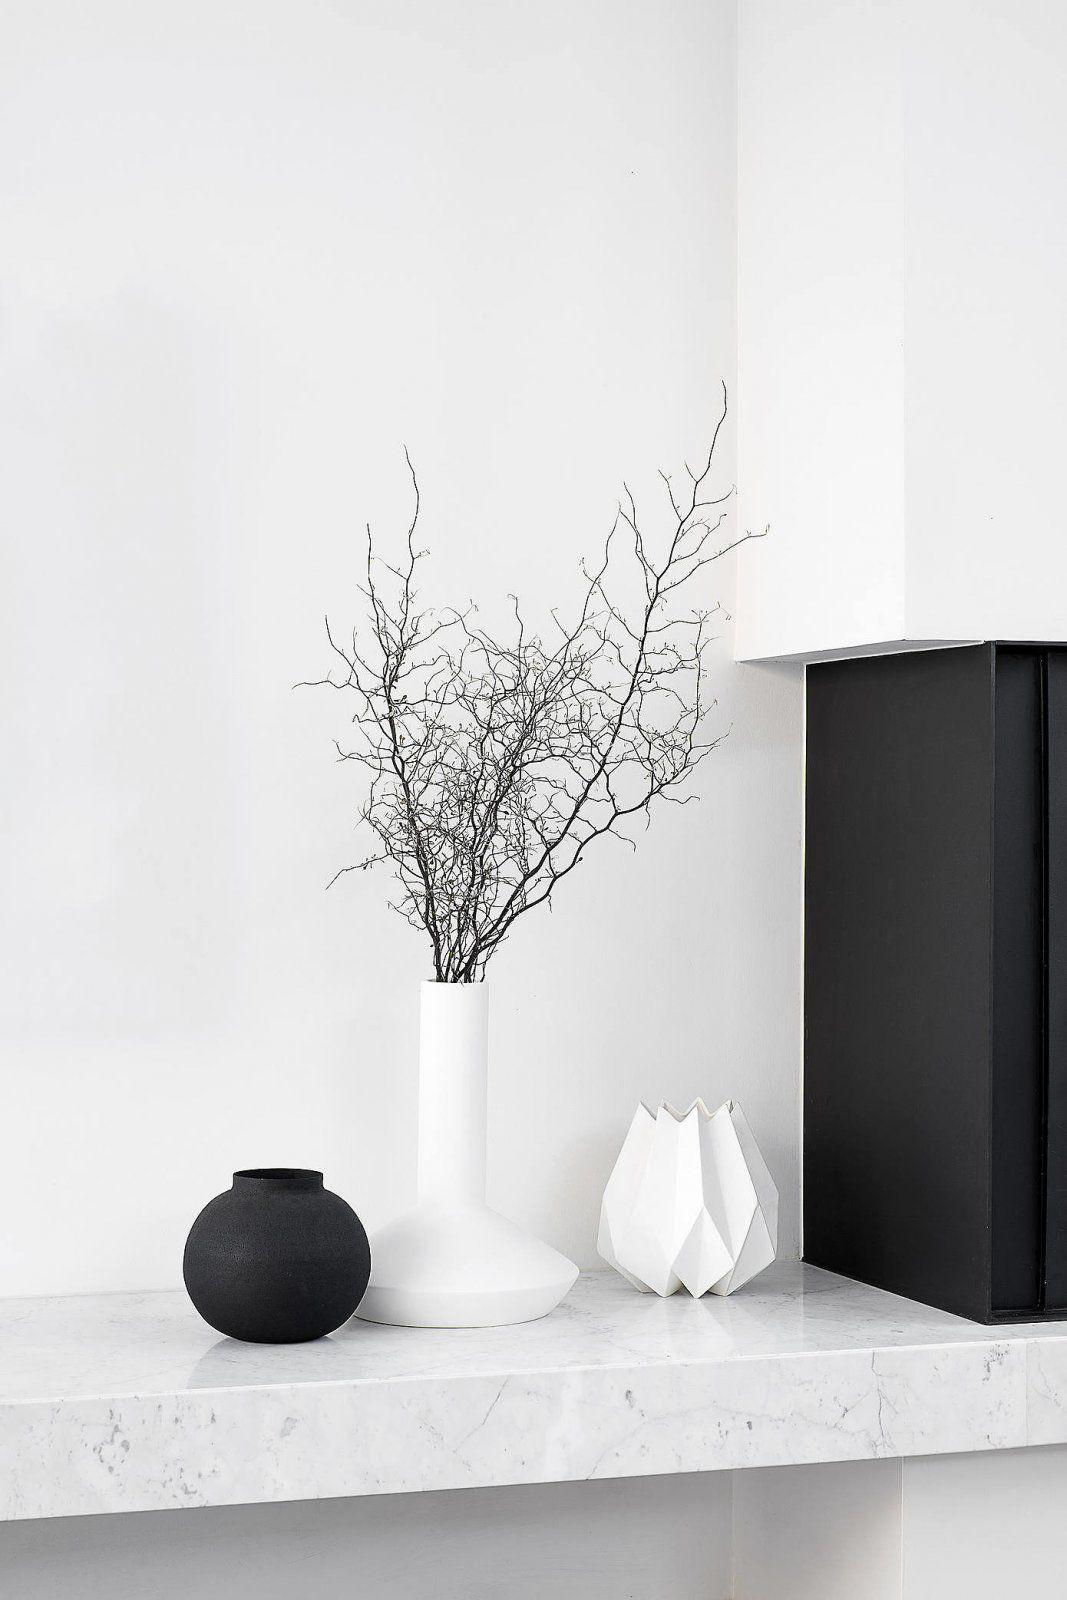 墨尔本 极简·黑白灰 family house设计欣赏|Tom Robertson Architects - 2